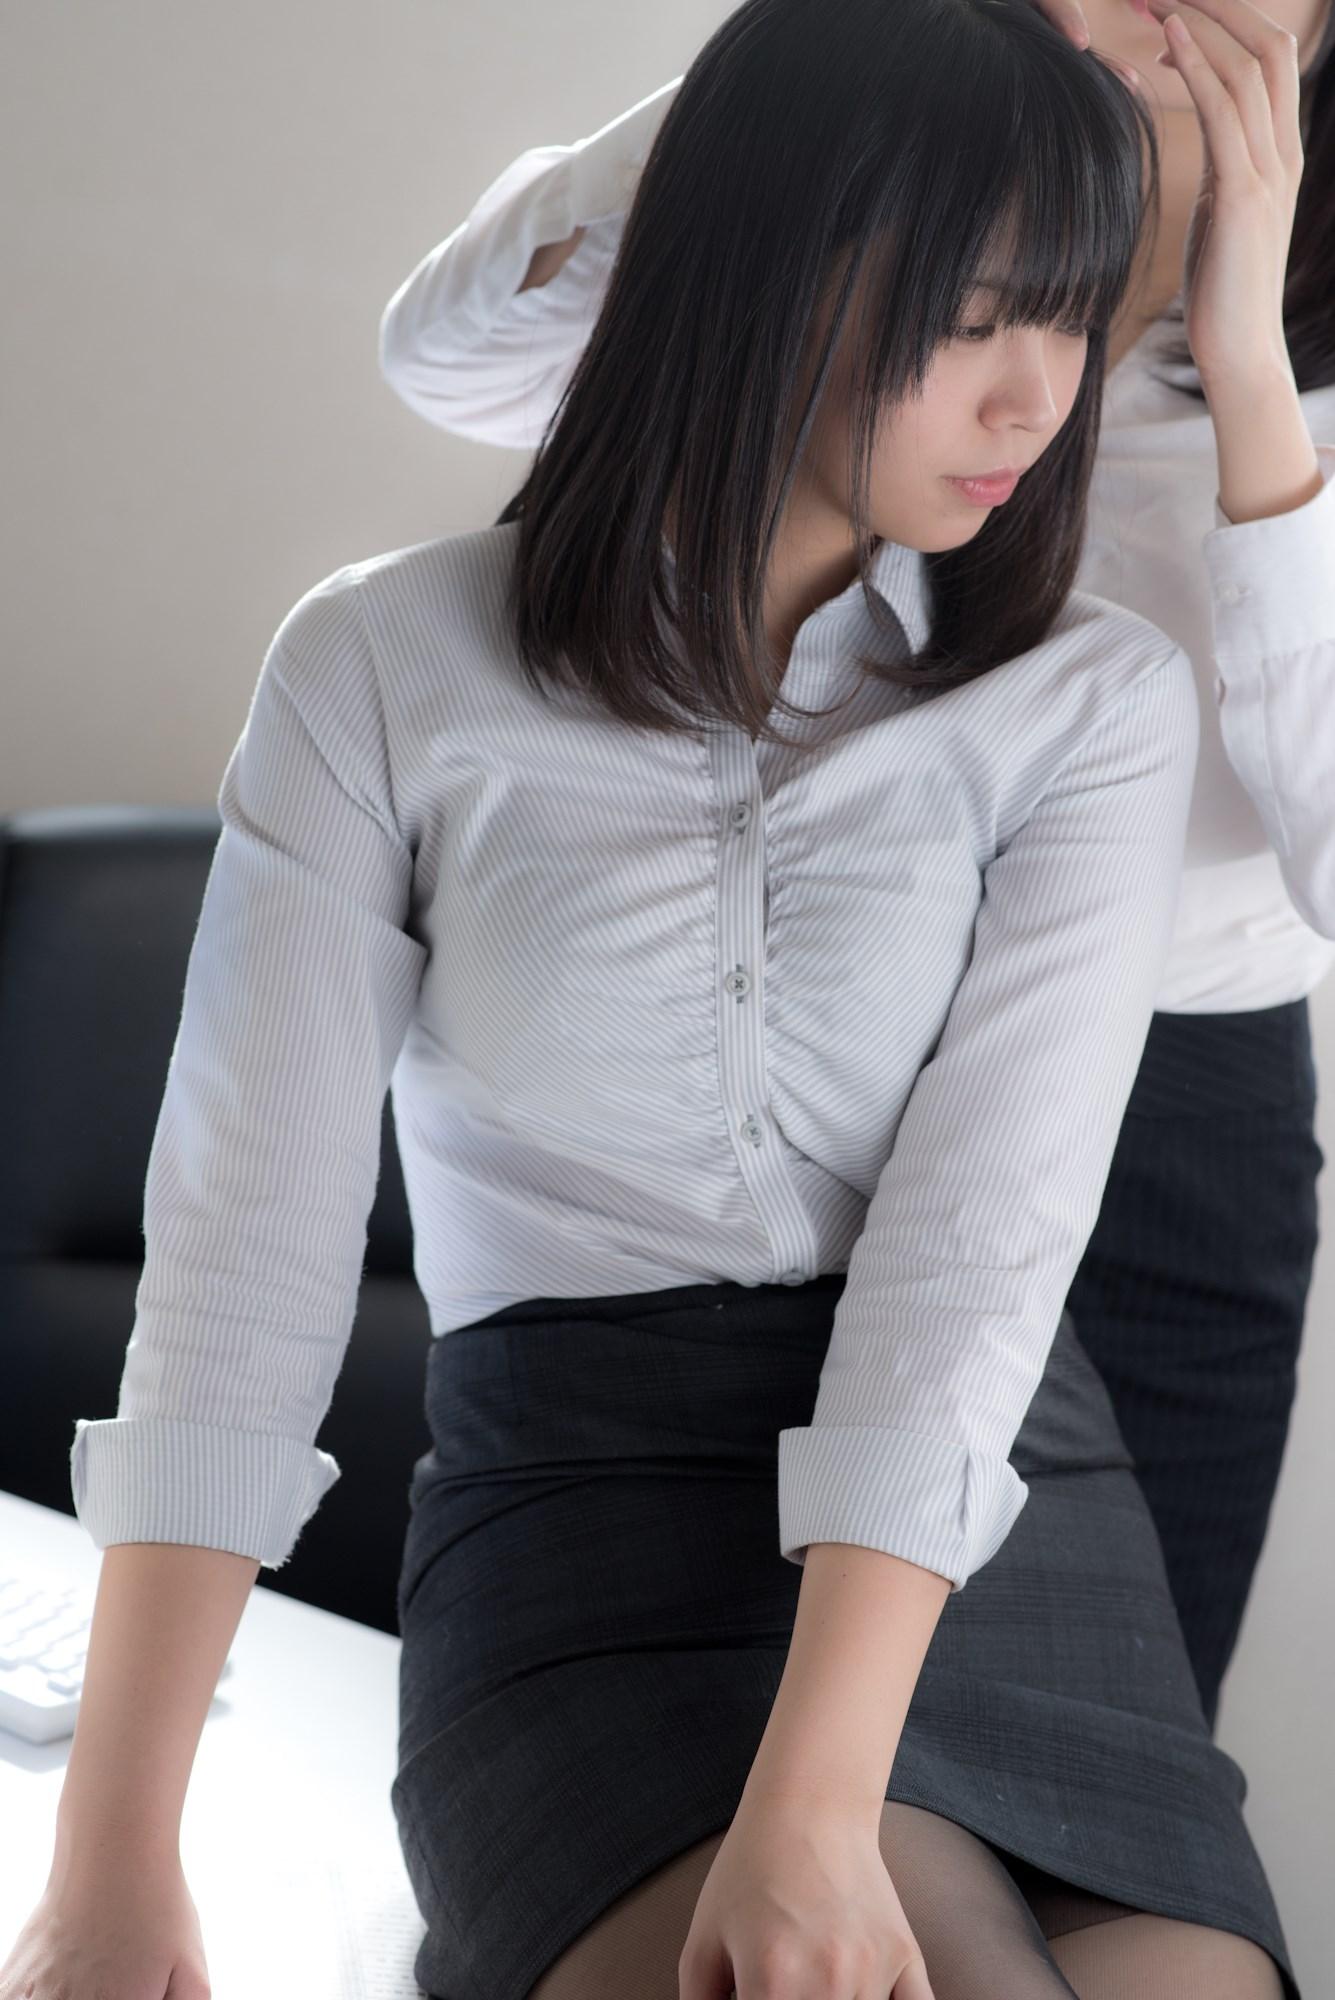 【兔玩映画】办公室的爱 兔玩映画 第37张